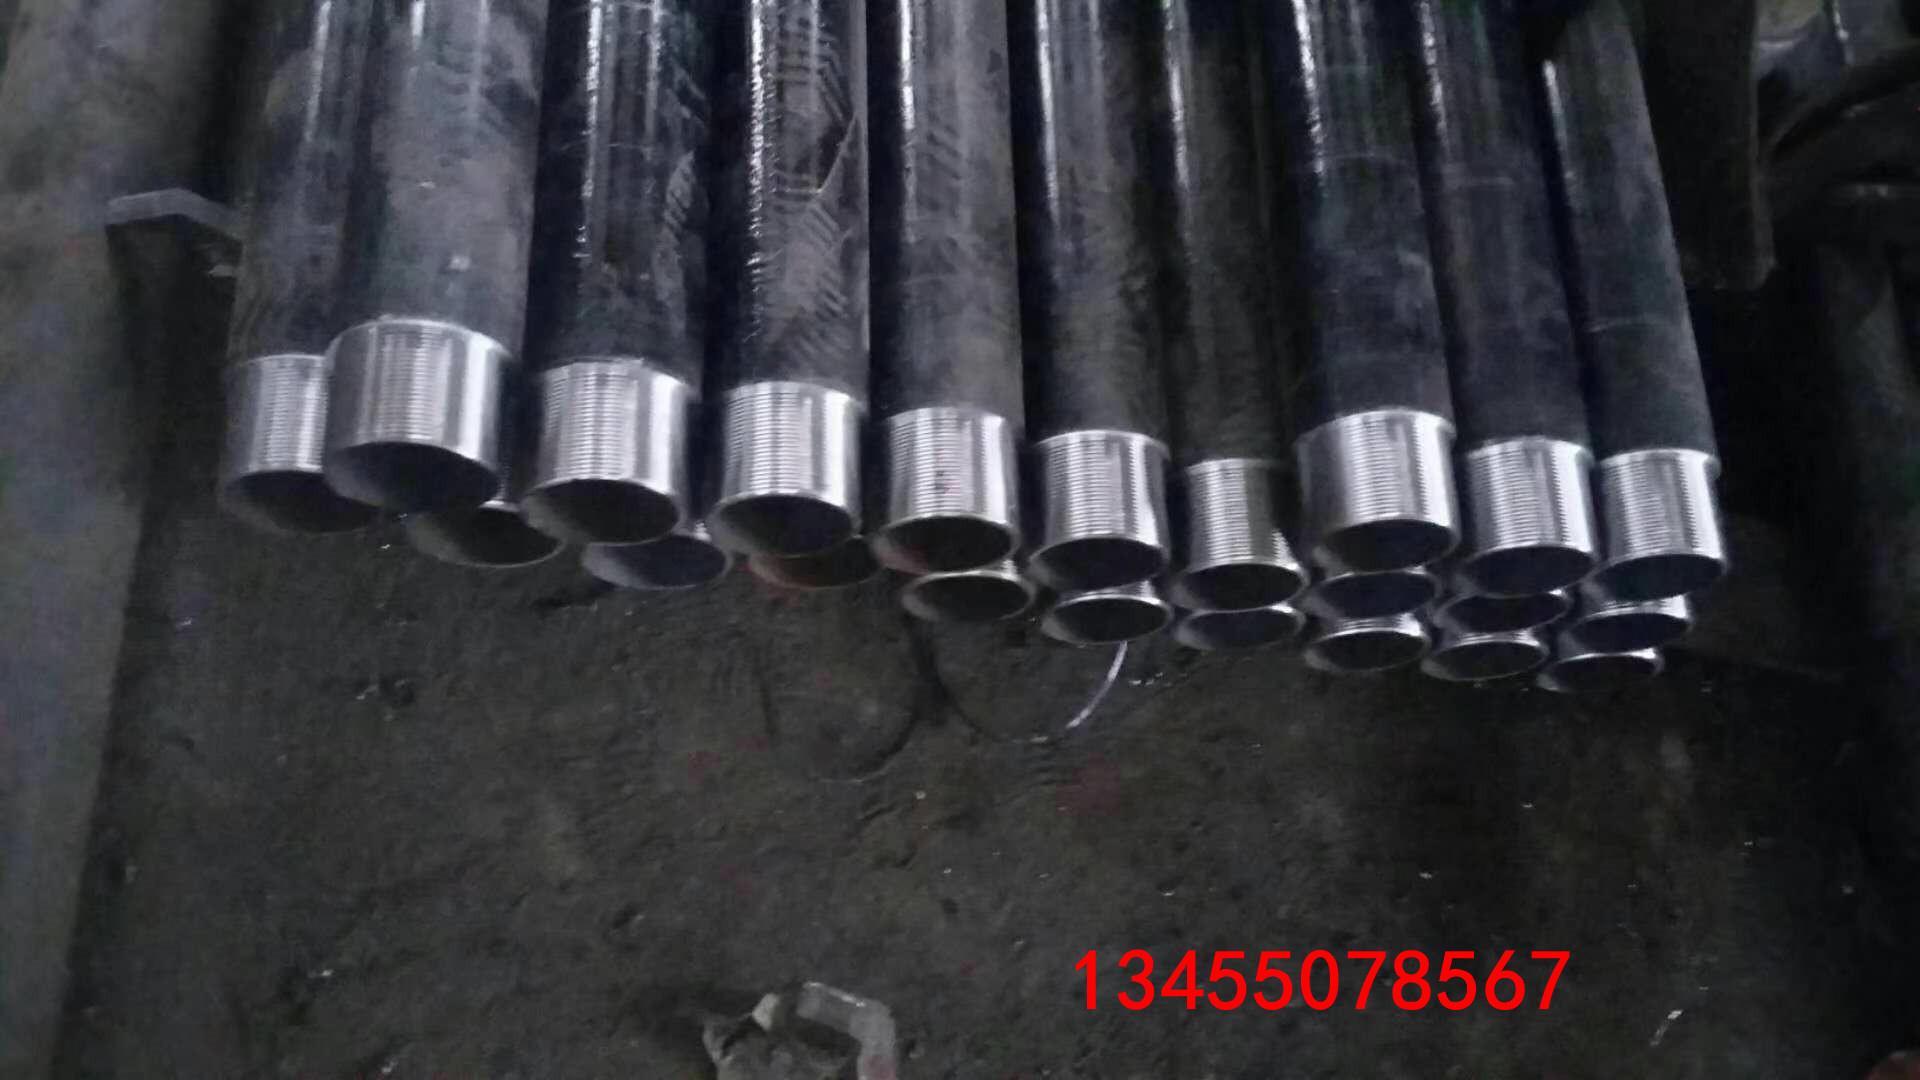 套丝无缝管219钢管车丝 2寸矿用丝扣钢管正反车丝